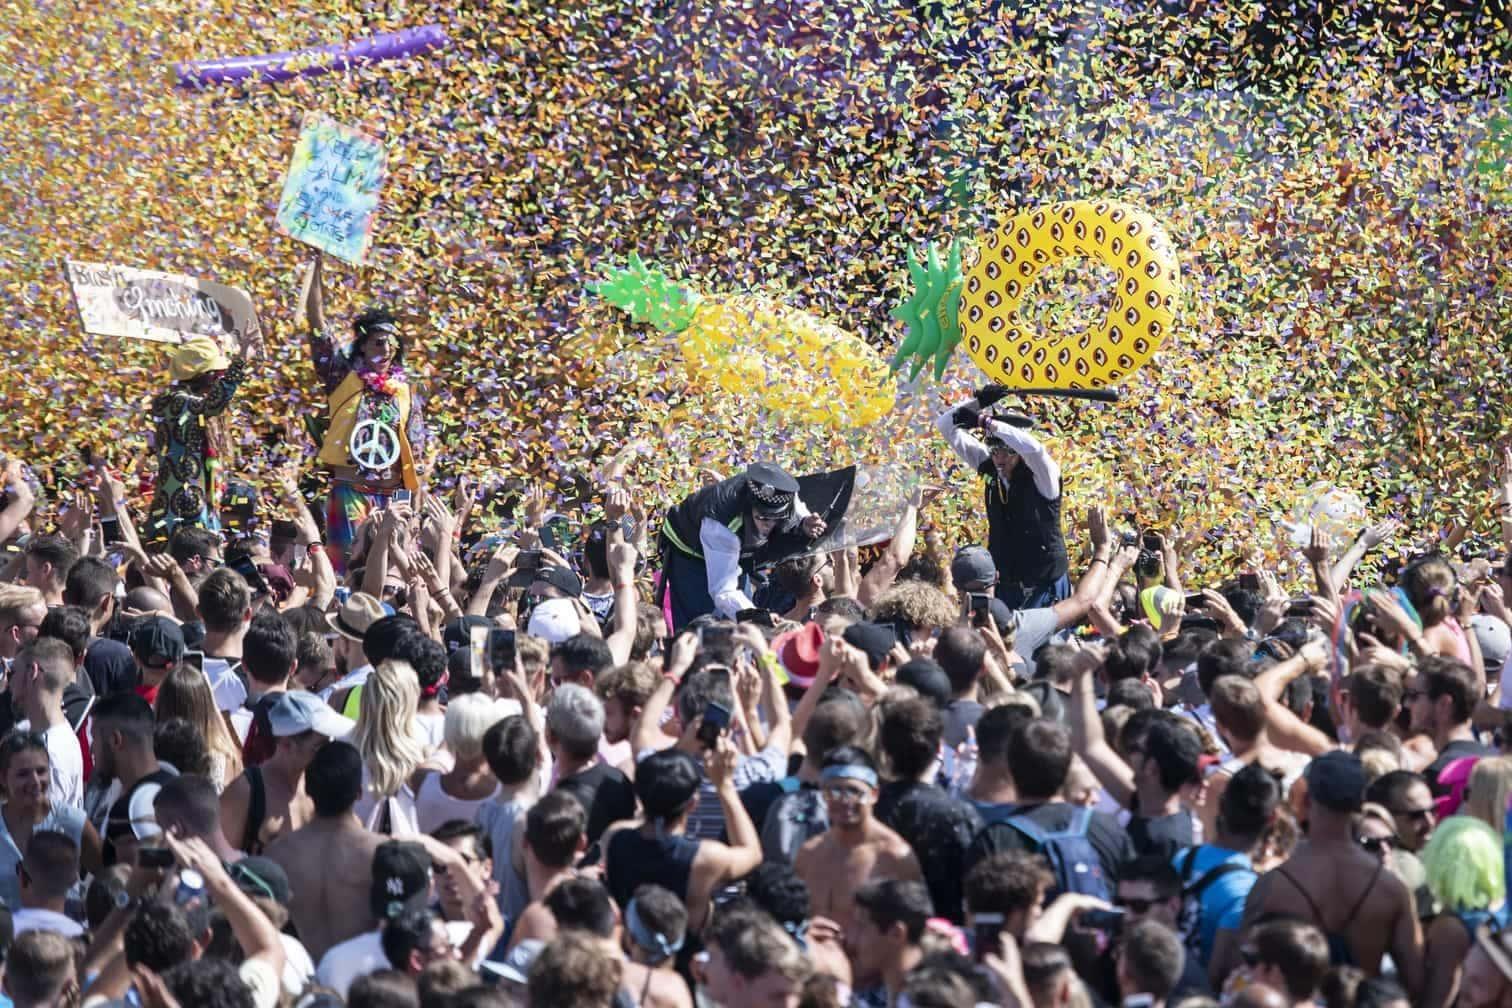 <p>Die Street Parade ist eine der weltgrößten Musik-Parties. Die Besucher zeigten auch dieses Jahr viel Glitzer und Haut. Doch knapp unter der hedonistischen Oberfläche lauert die harte Realität.</p> Foto: dpa